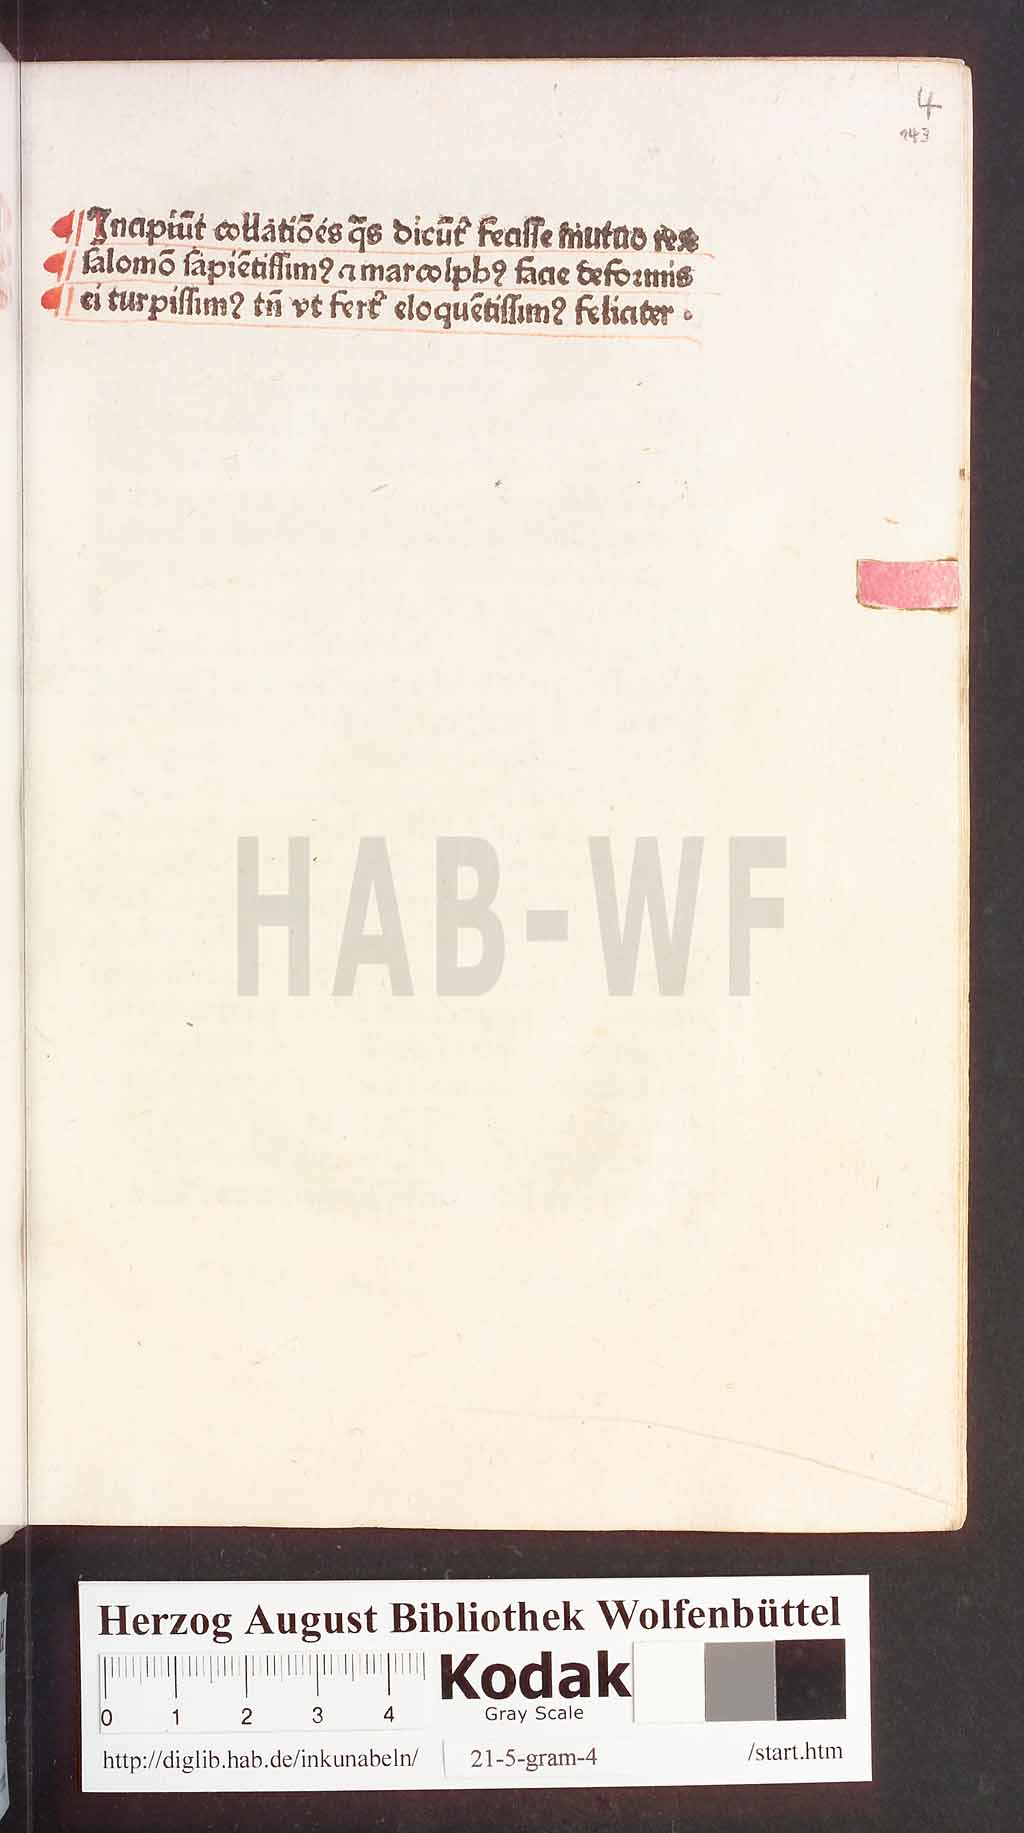 http://diglib.hab.de/inkunabeln/21-5-gram-4/00001.jpg